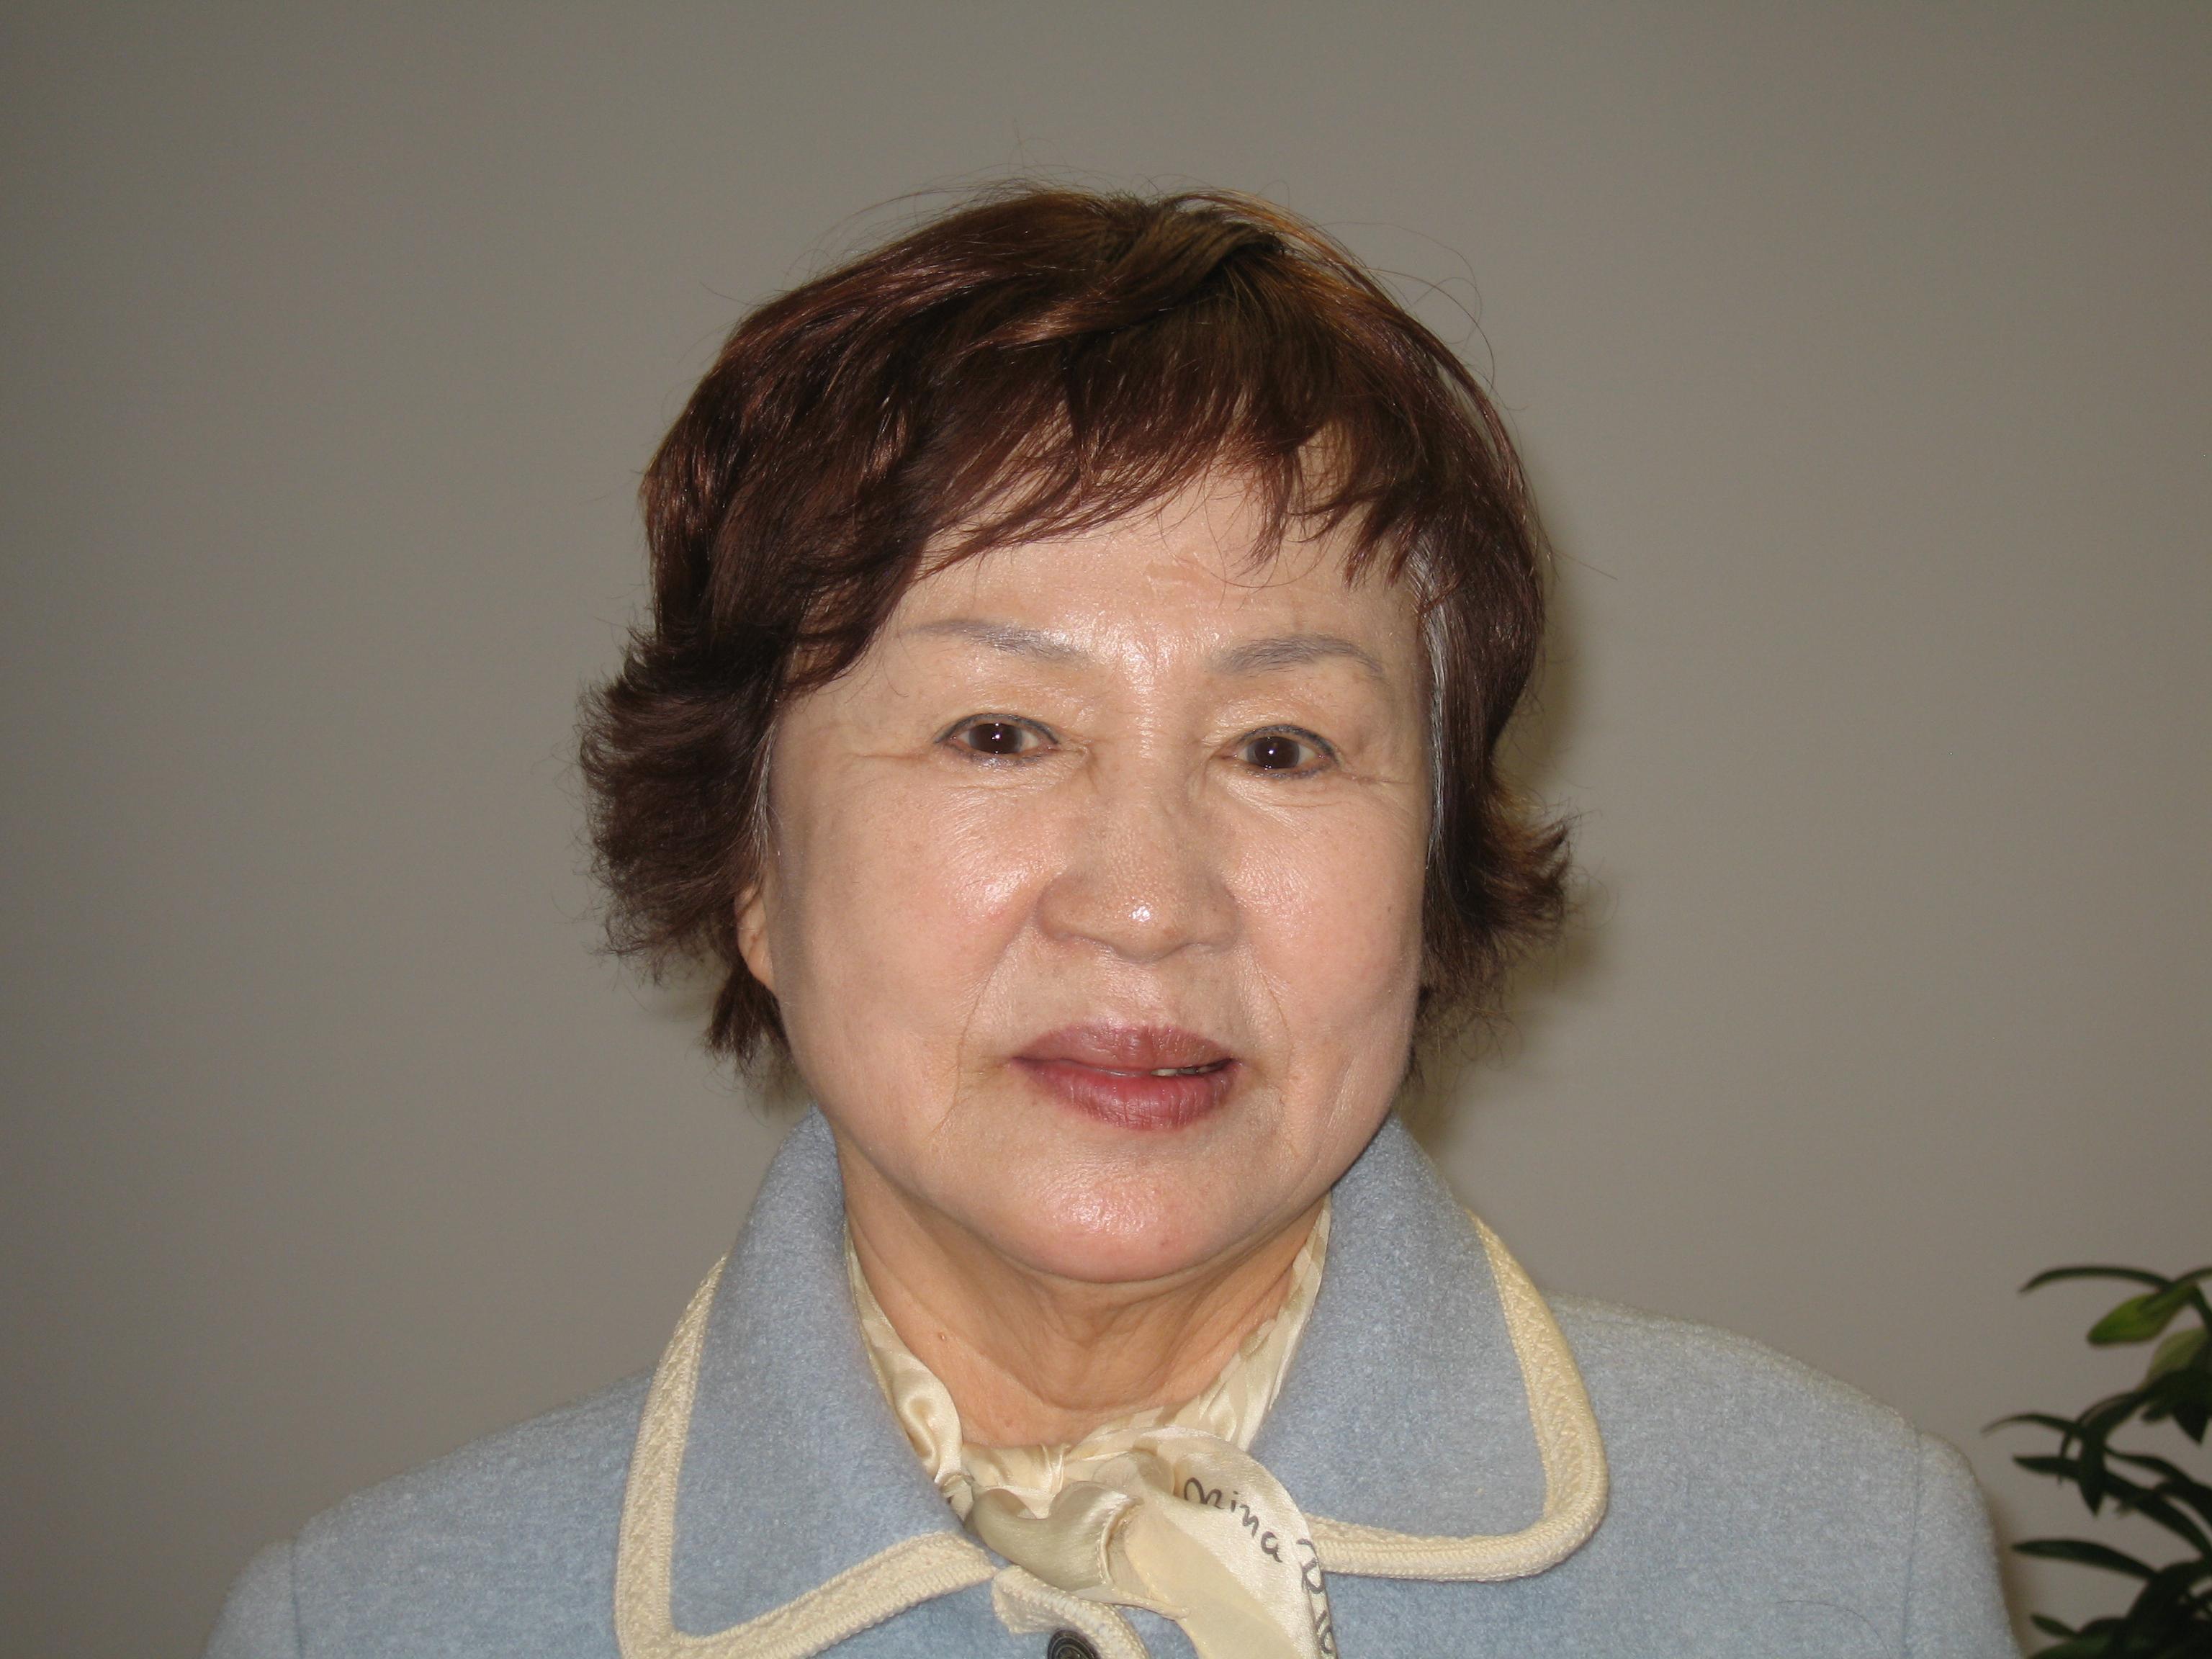 박덕상목사 사모 사진.JPG